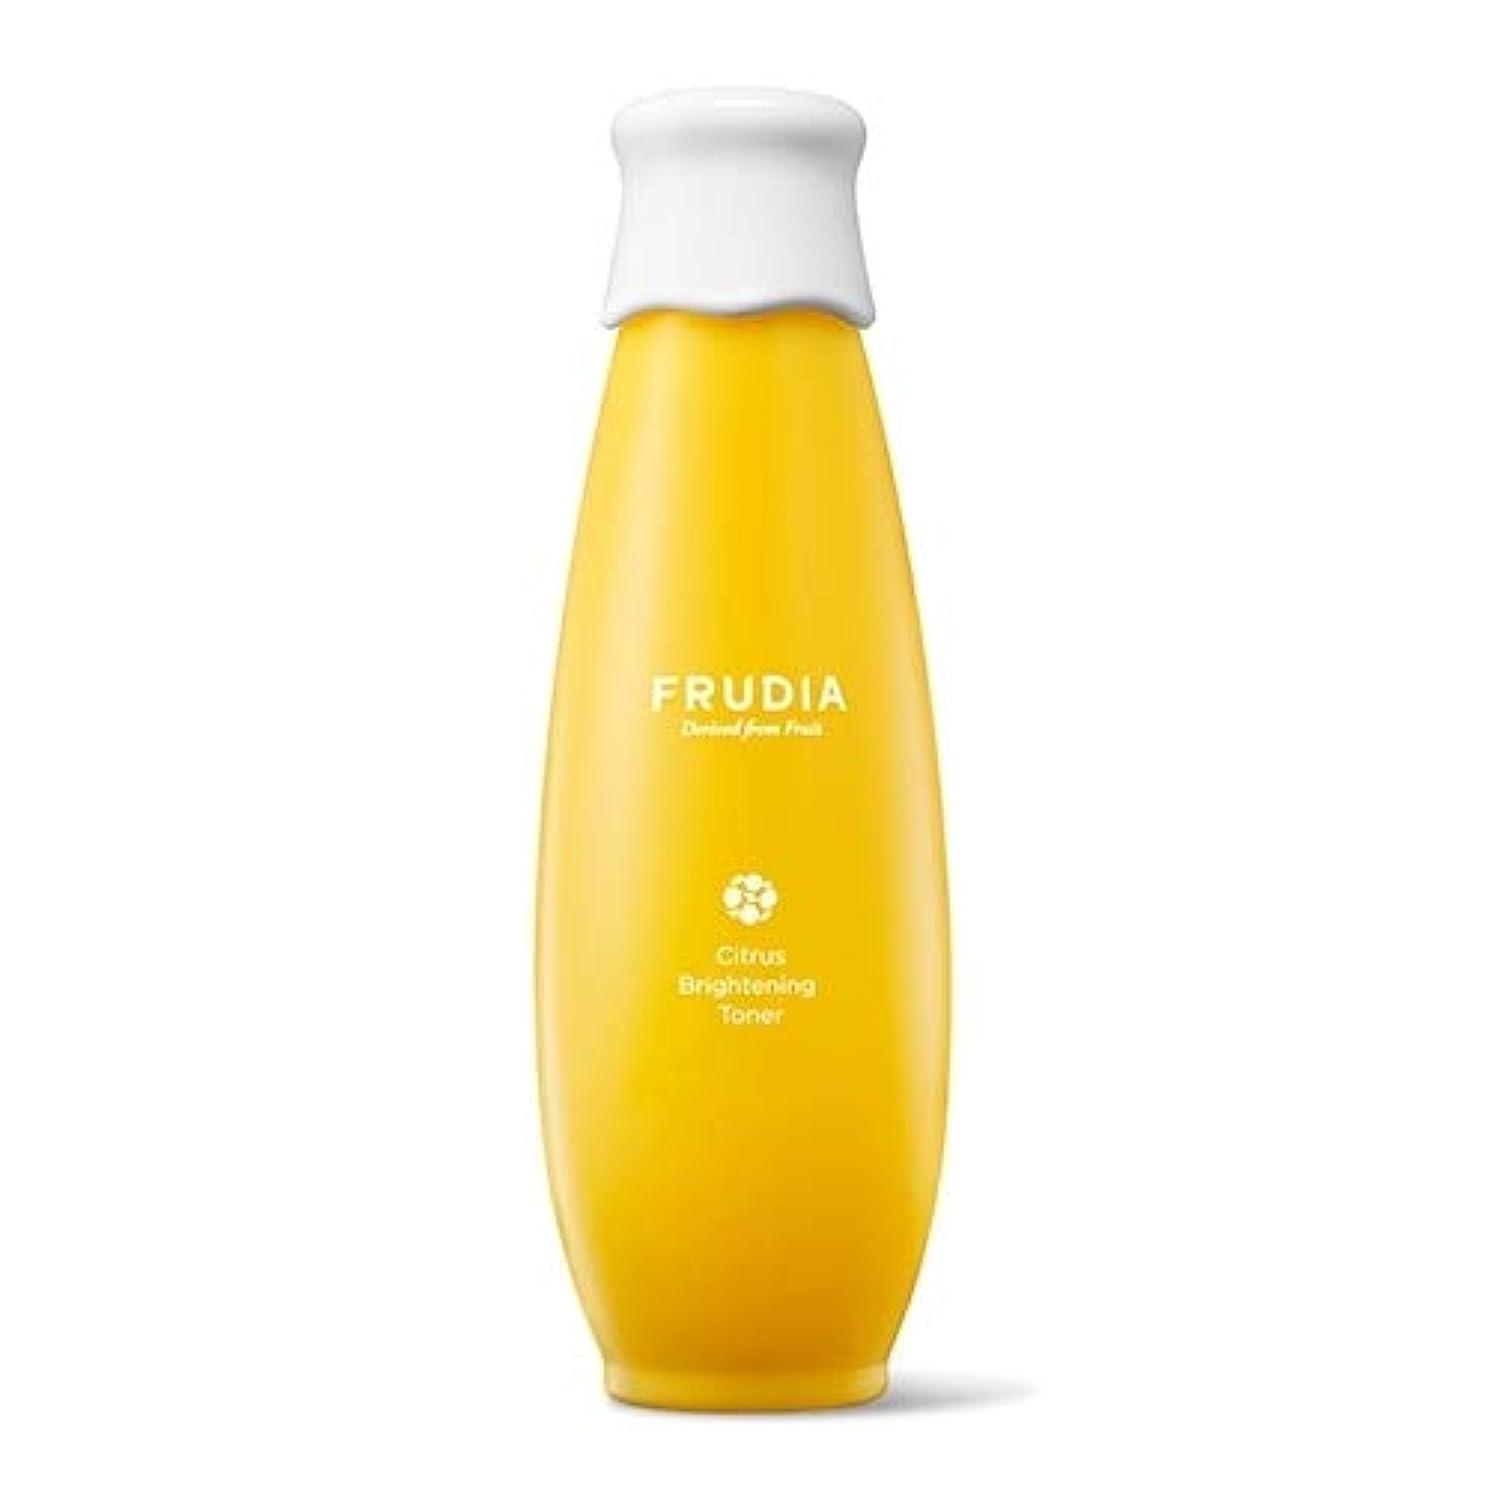 処方する噂裁判官FRUDIA みかん ブライトニング トナー 化粧水/Citrus Brightening Toner (195ml) [並行輸入品]